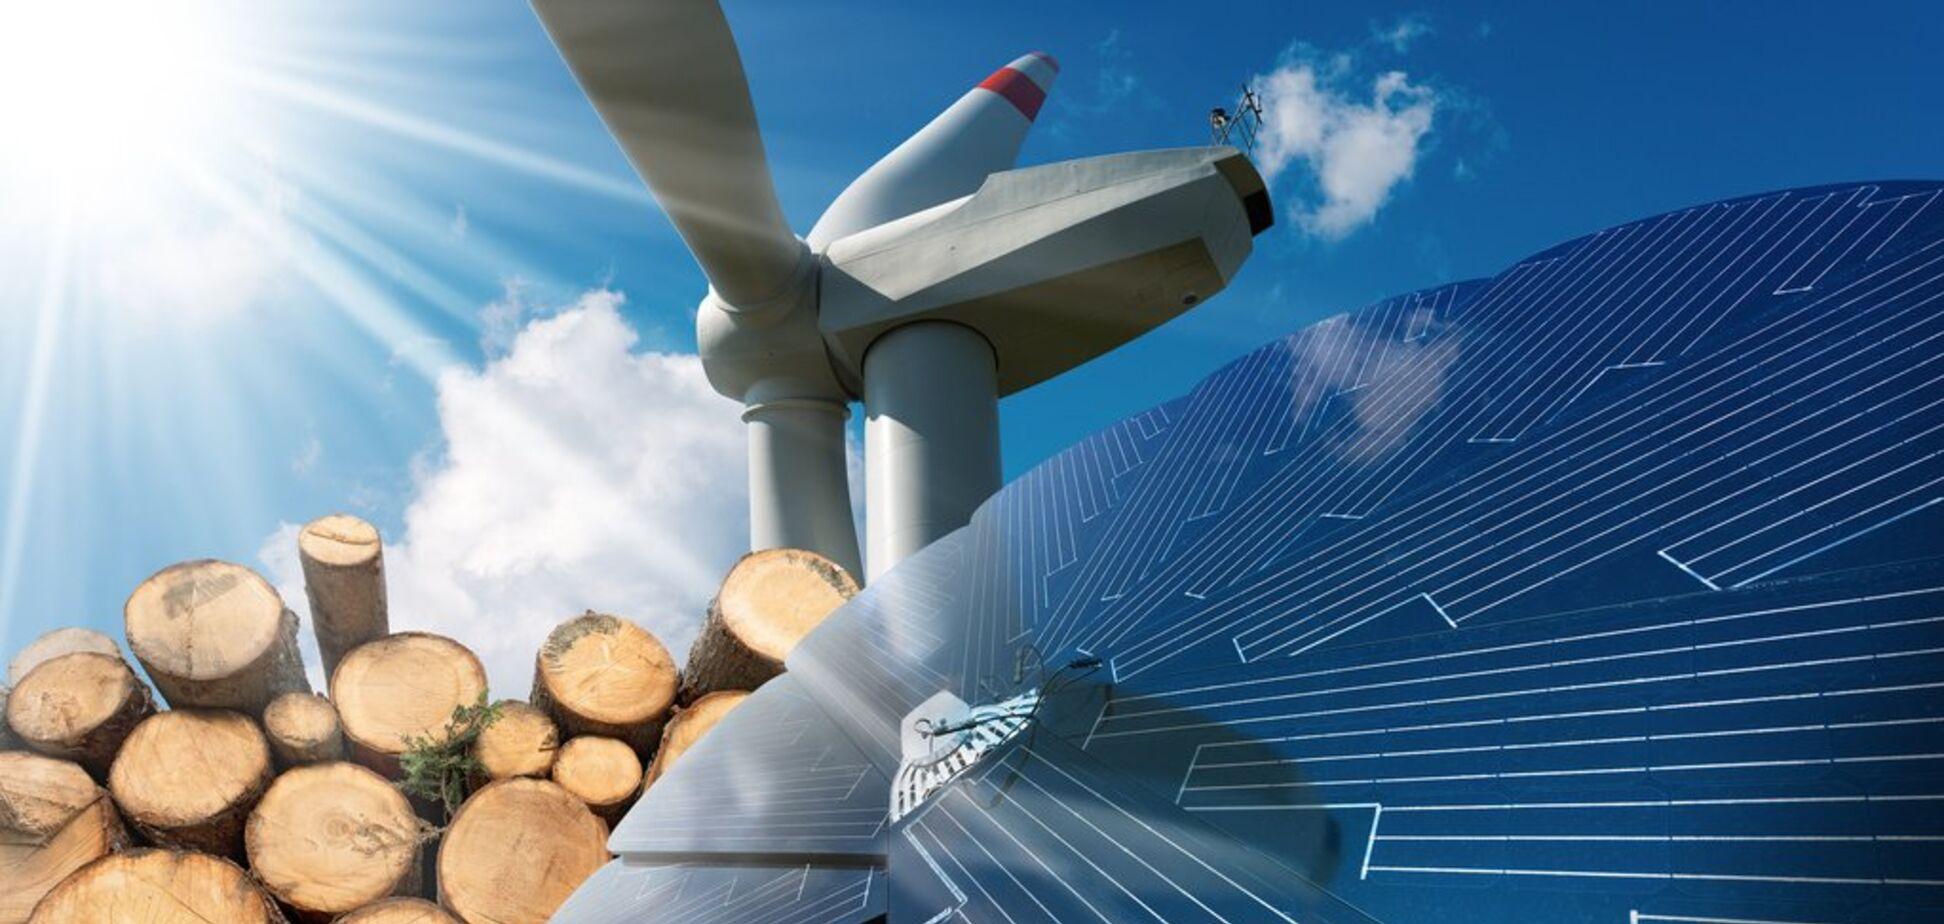 Найпопулярніші у світі джерела 'зеленої' енергії: названо список